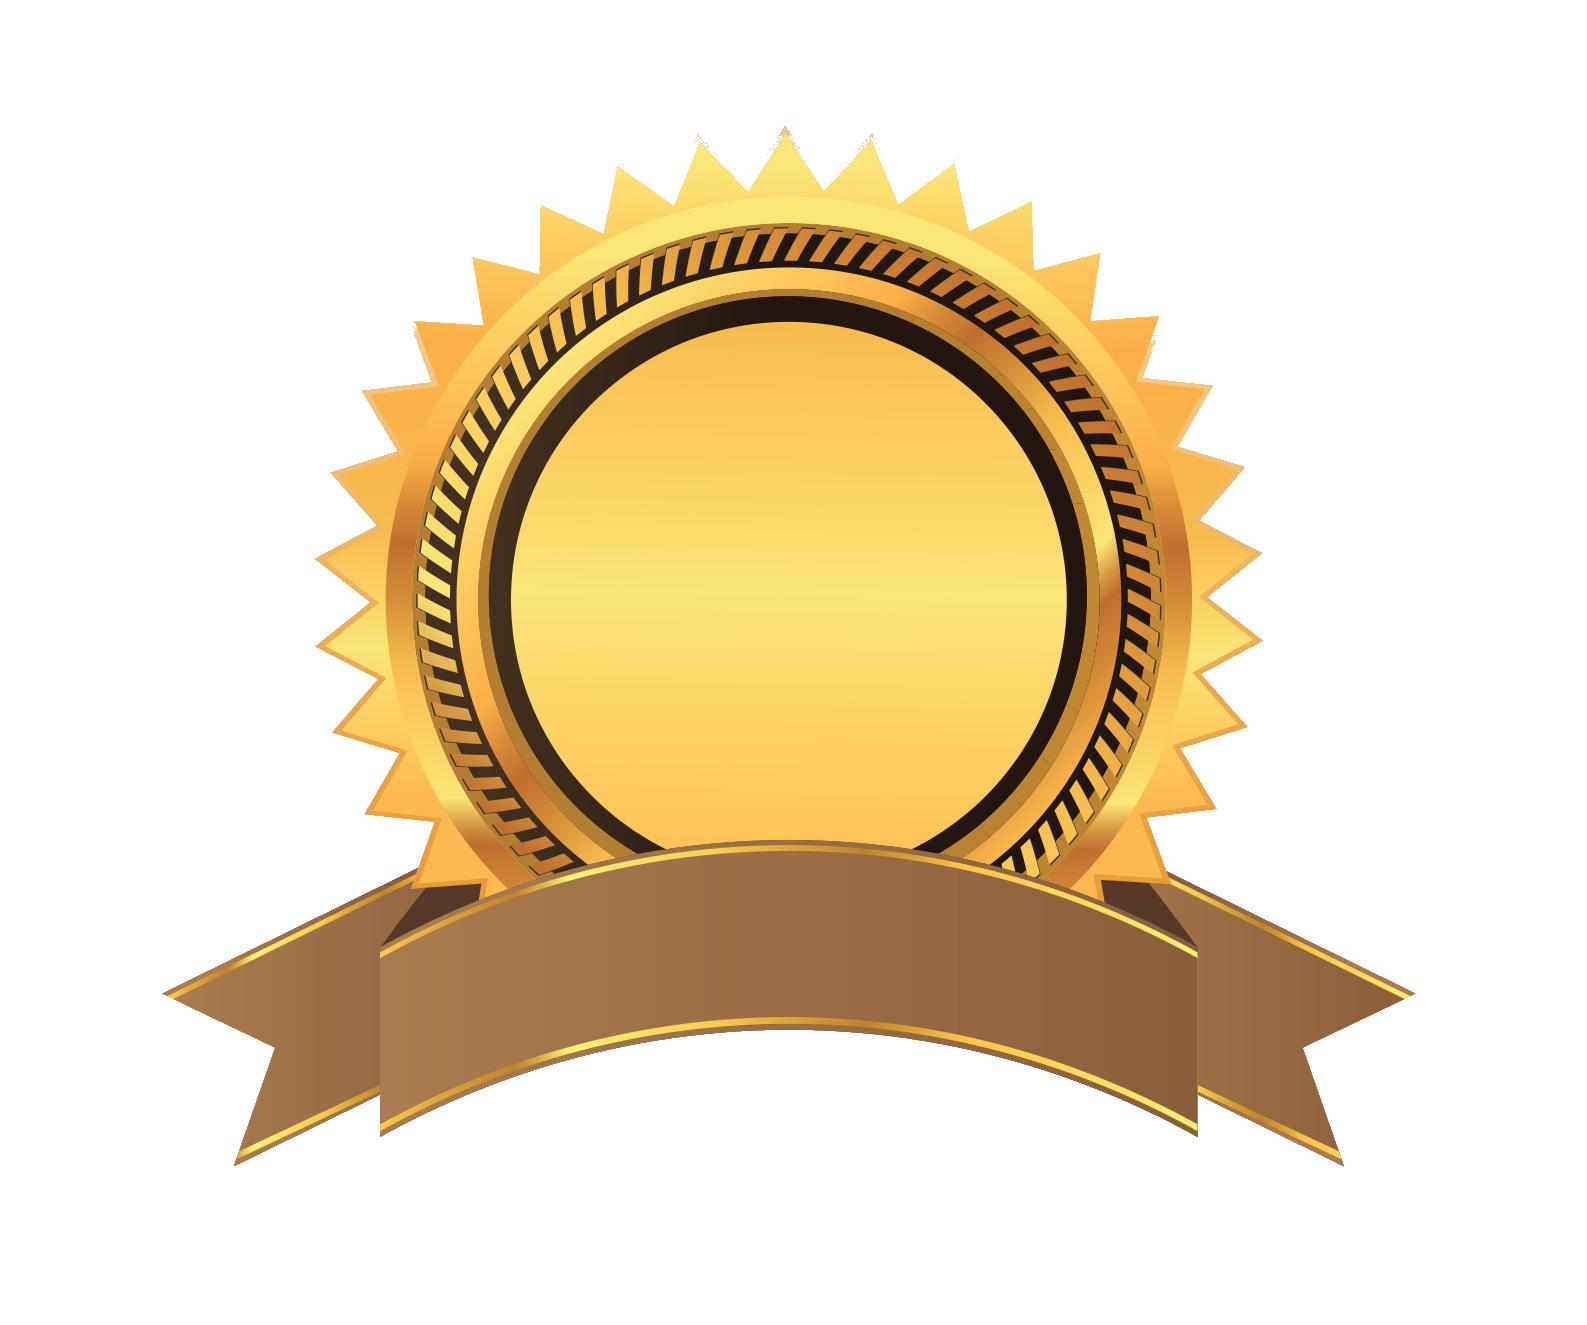 Award Photos PNG Image - PNG Certificates Award